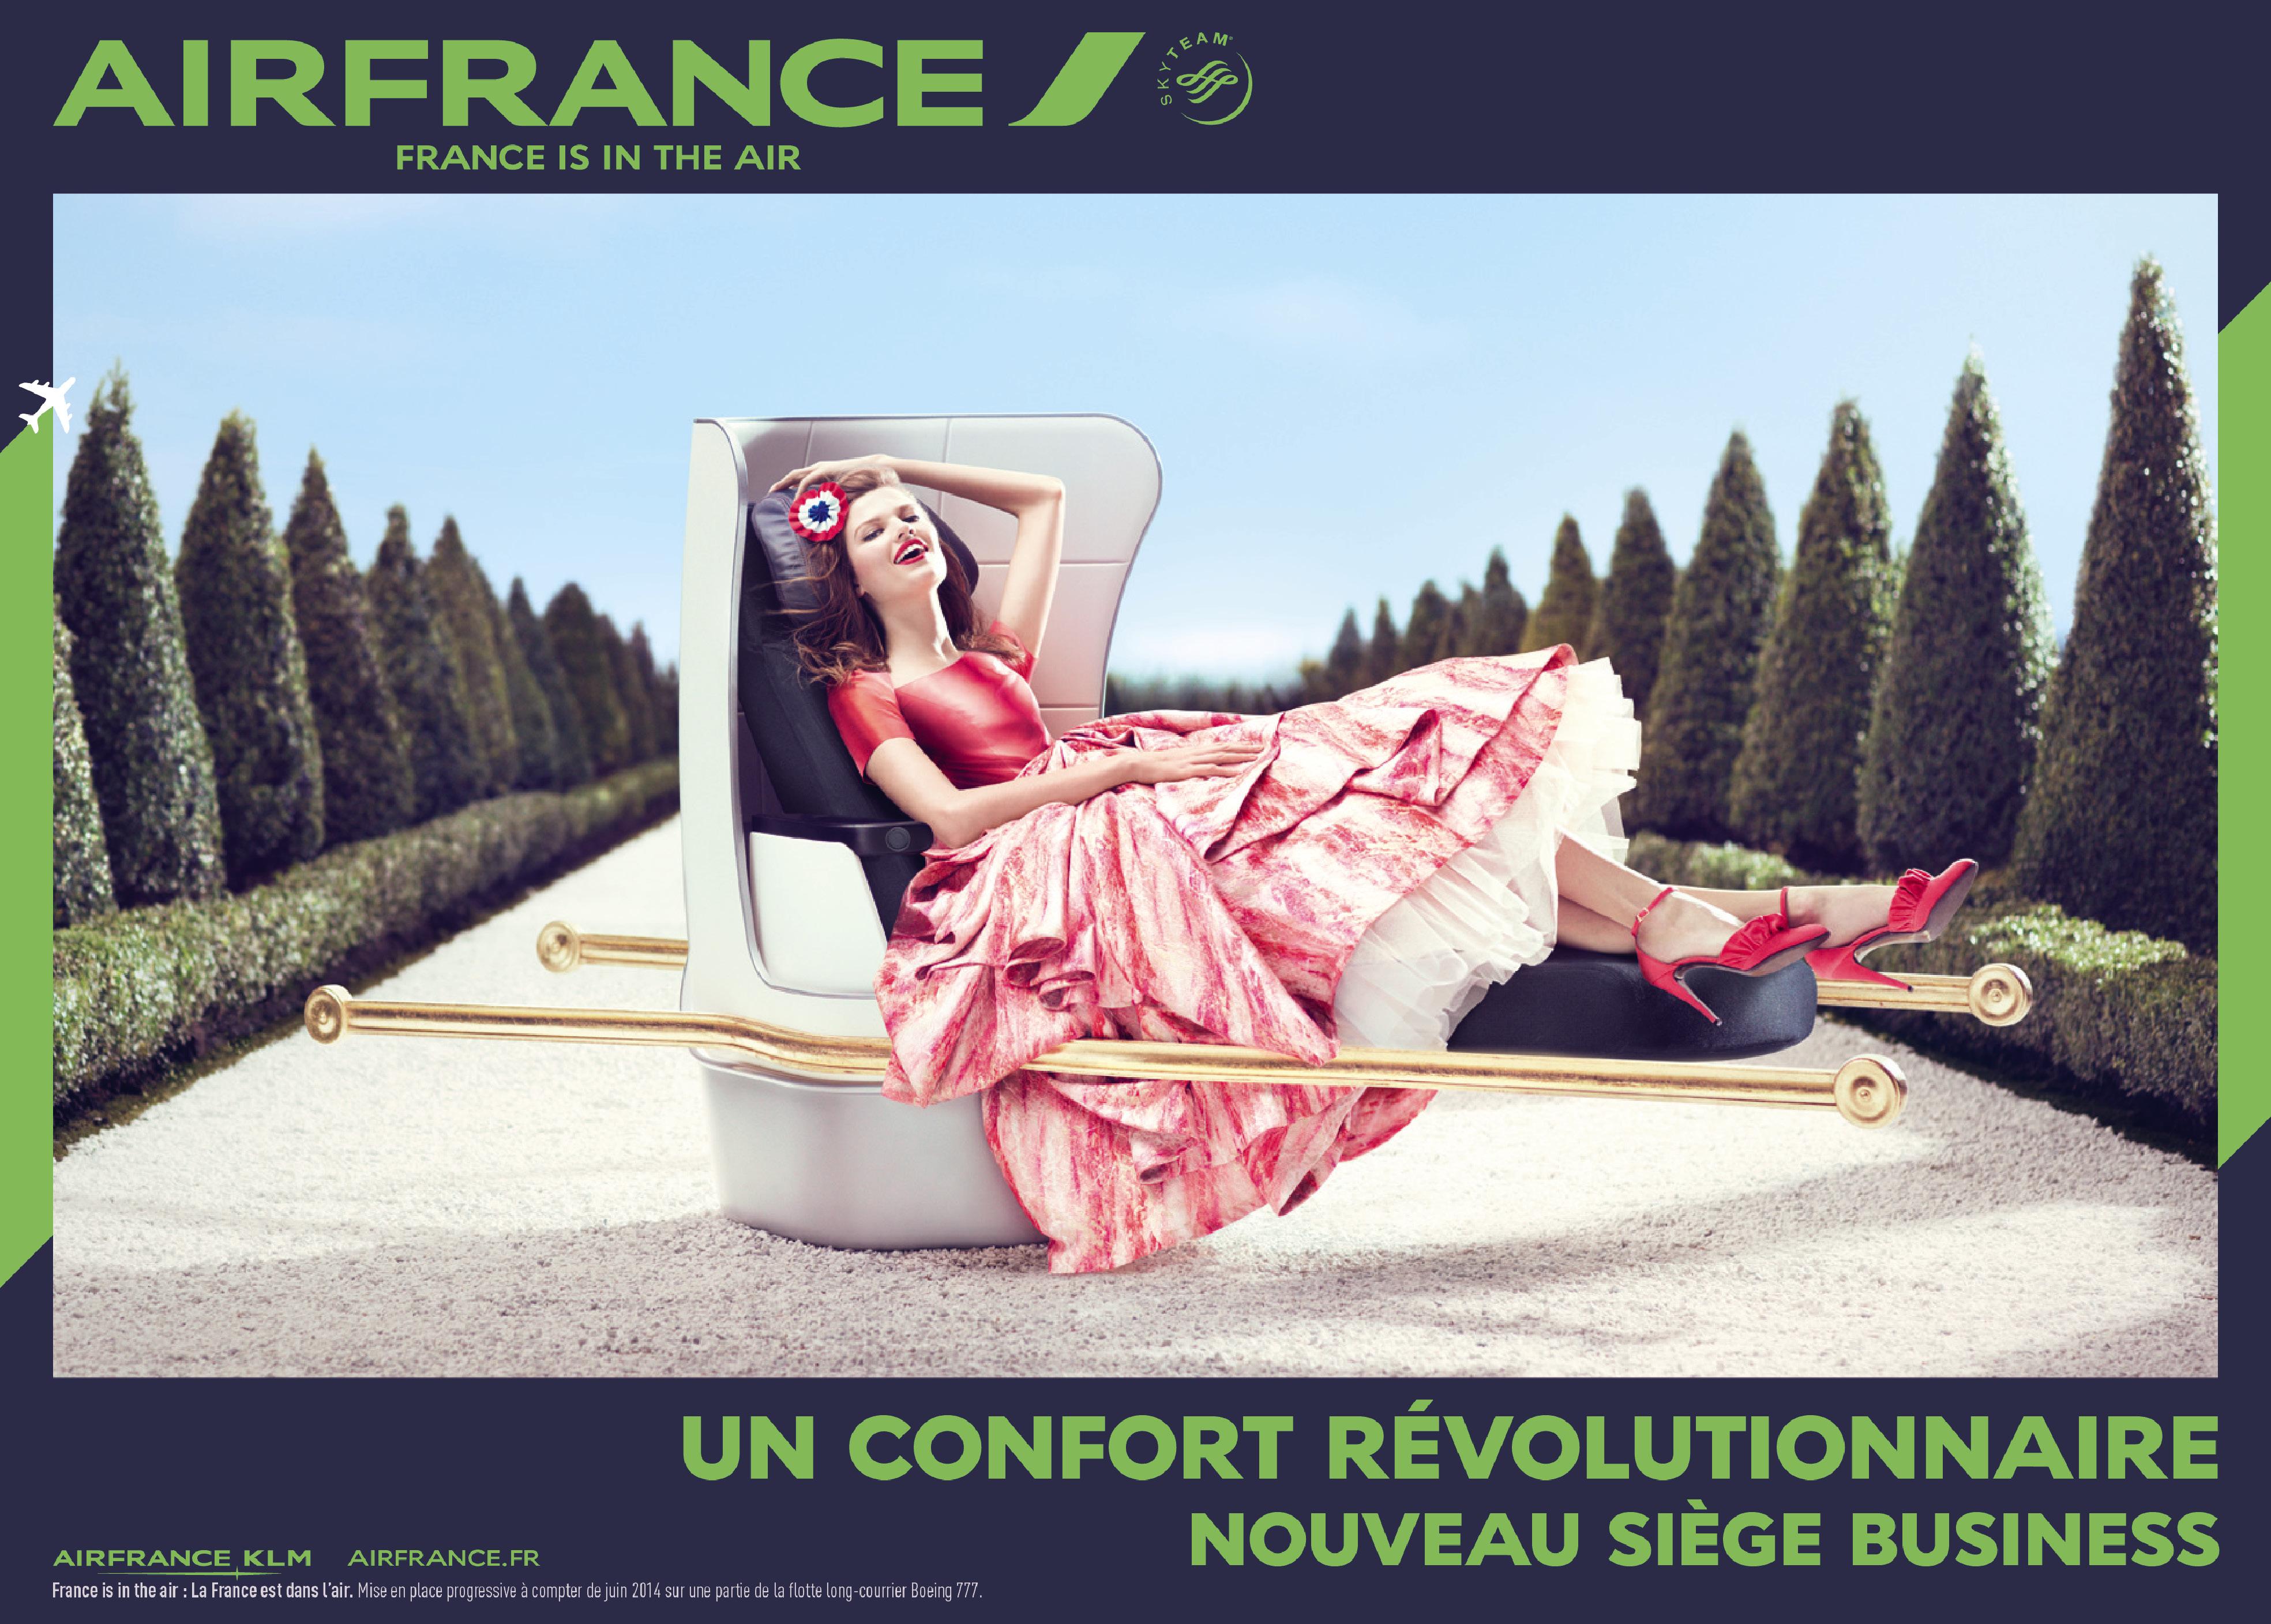 Annonce publicitaire AIR FRANCE